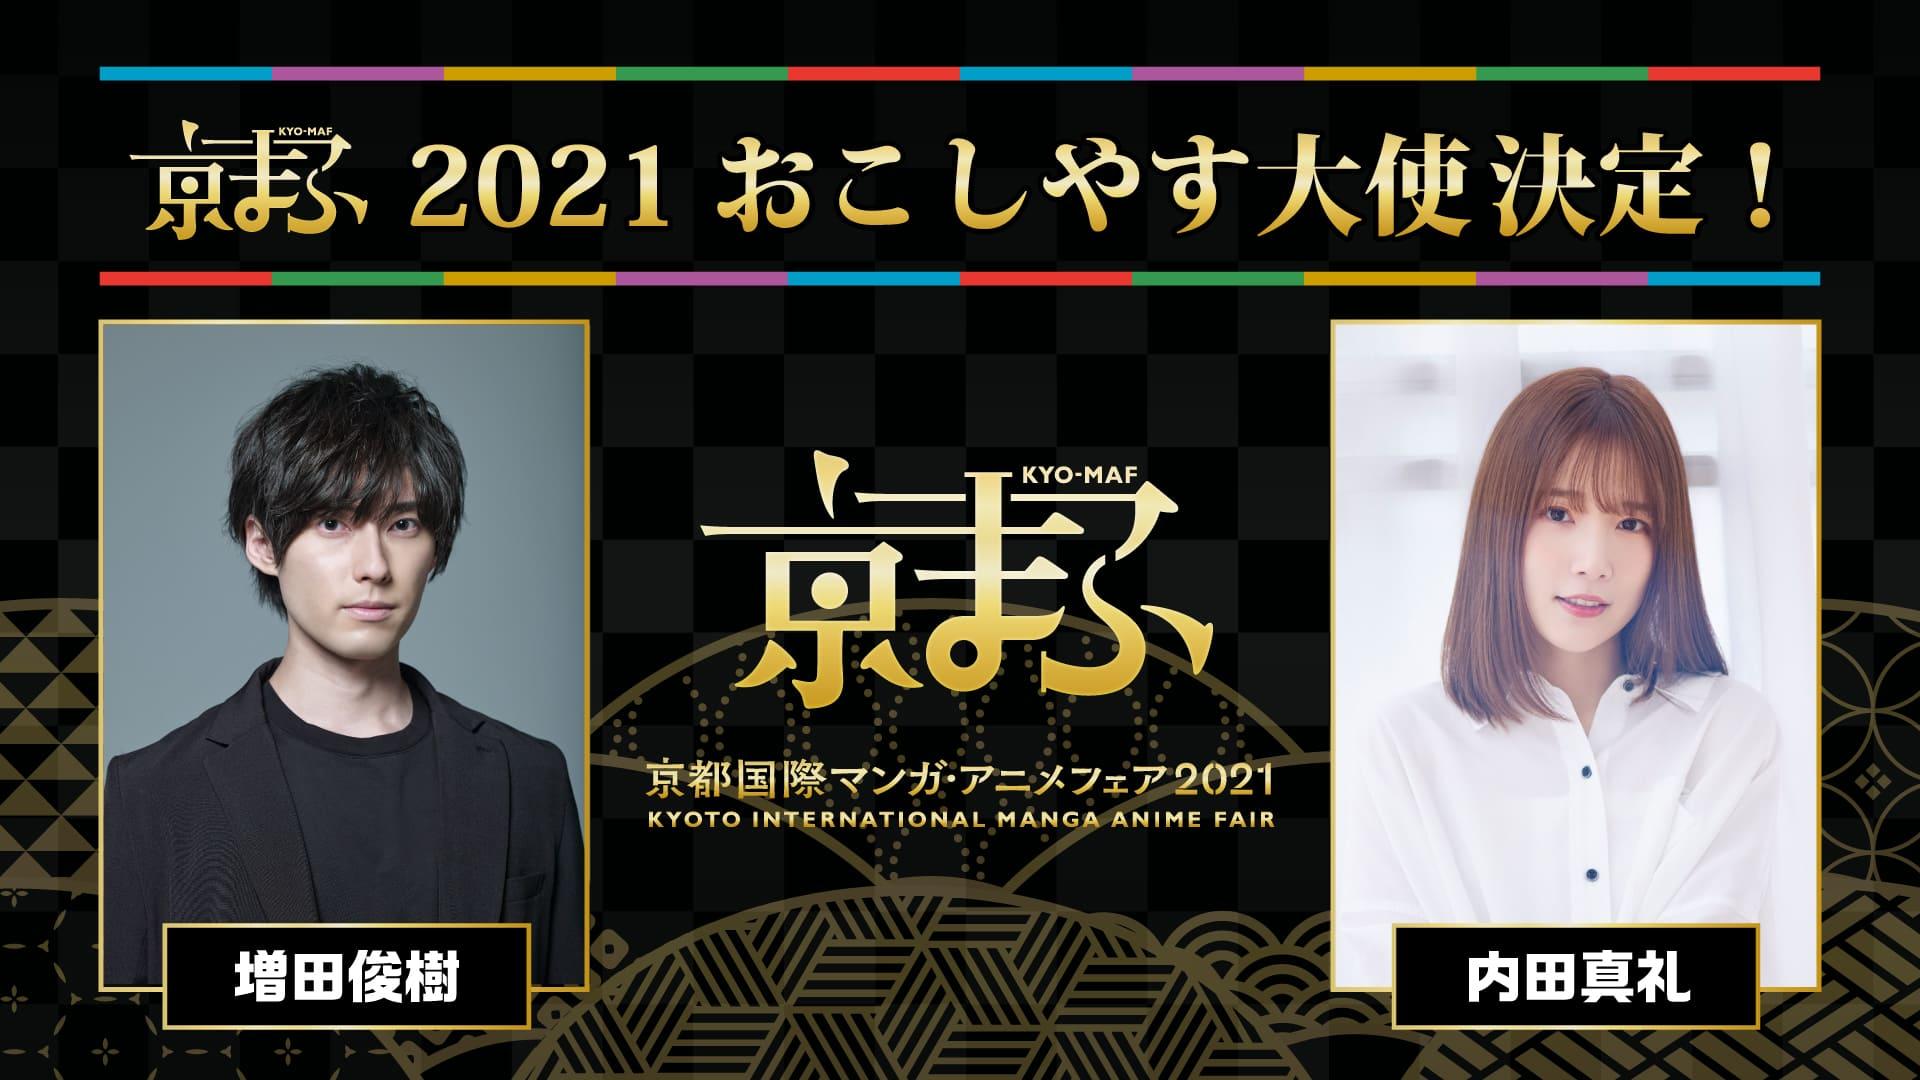 「京都国際マンガ・アニメフェア2021(京まふ)」おこしやす大使